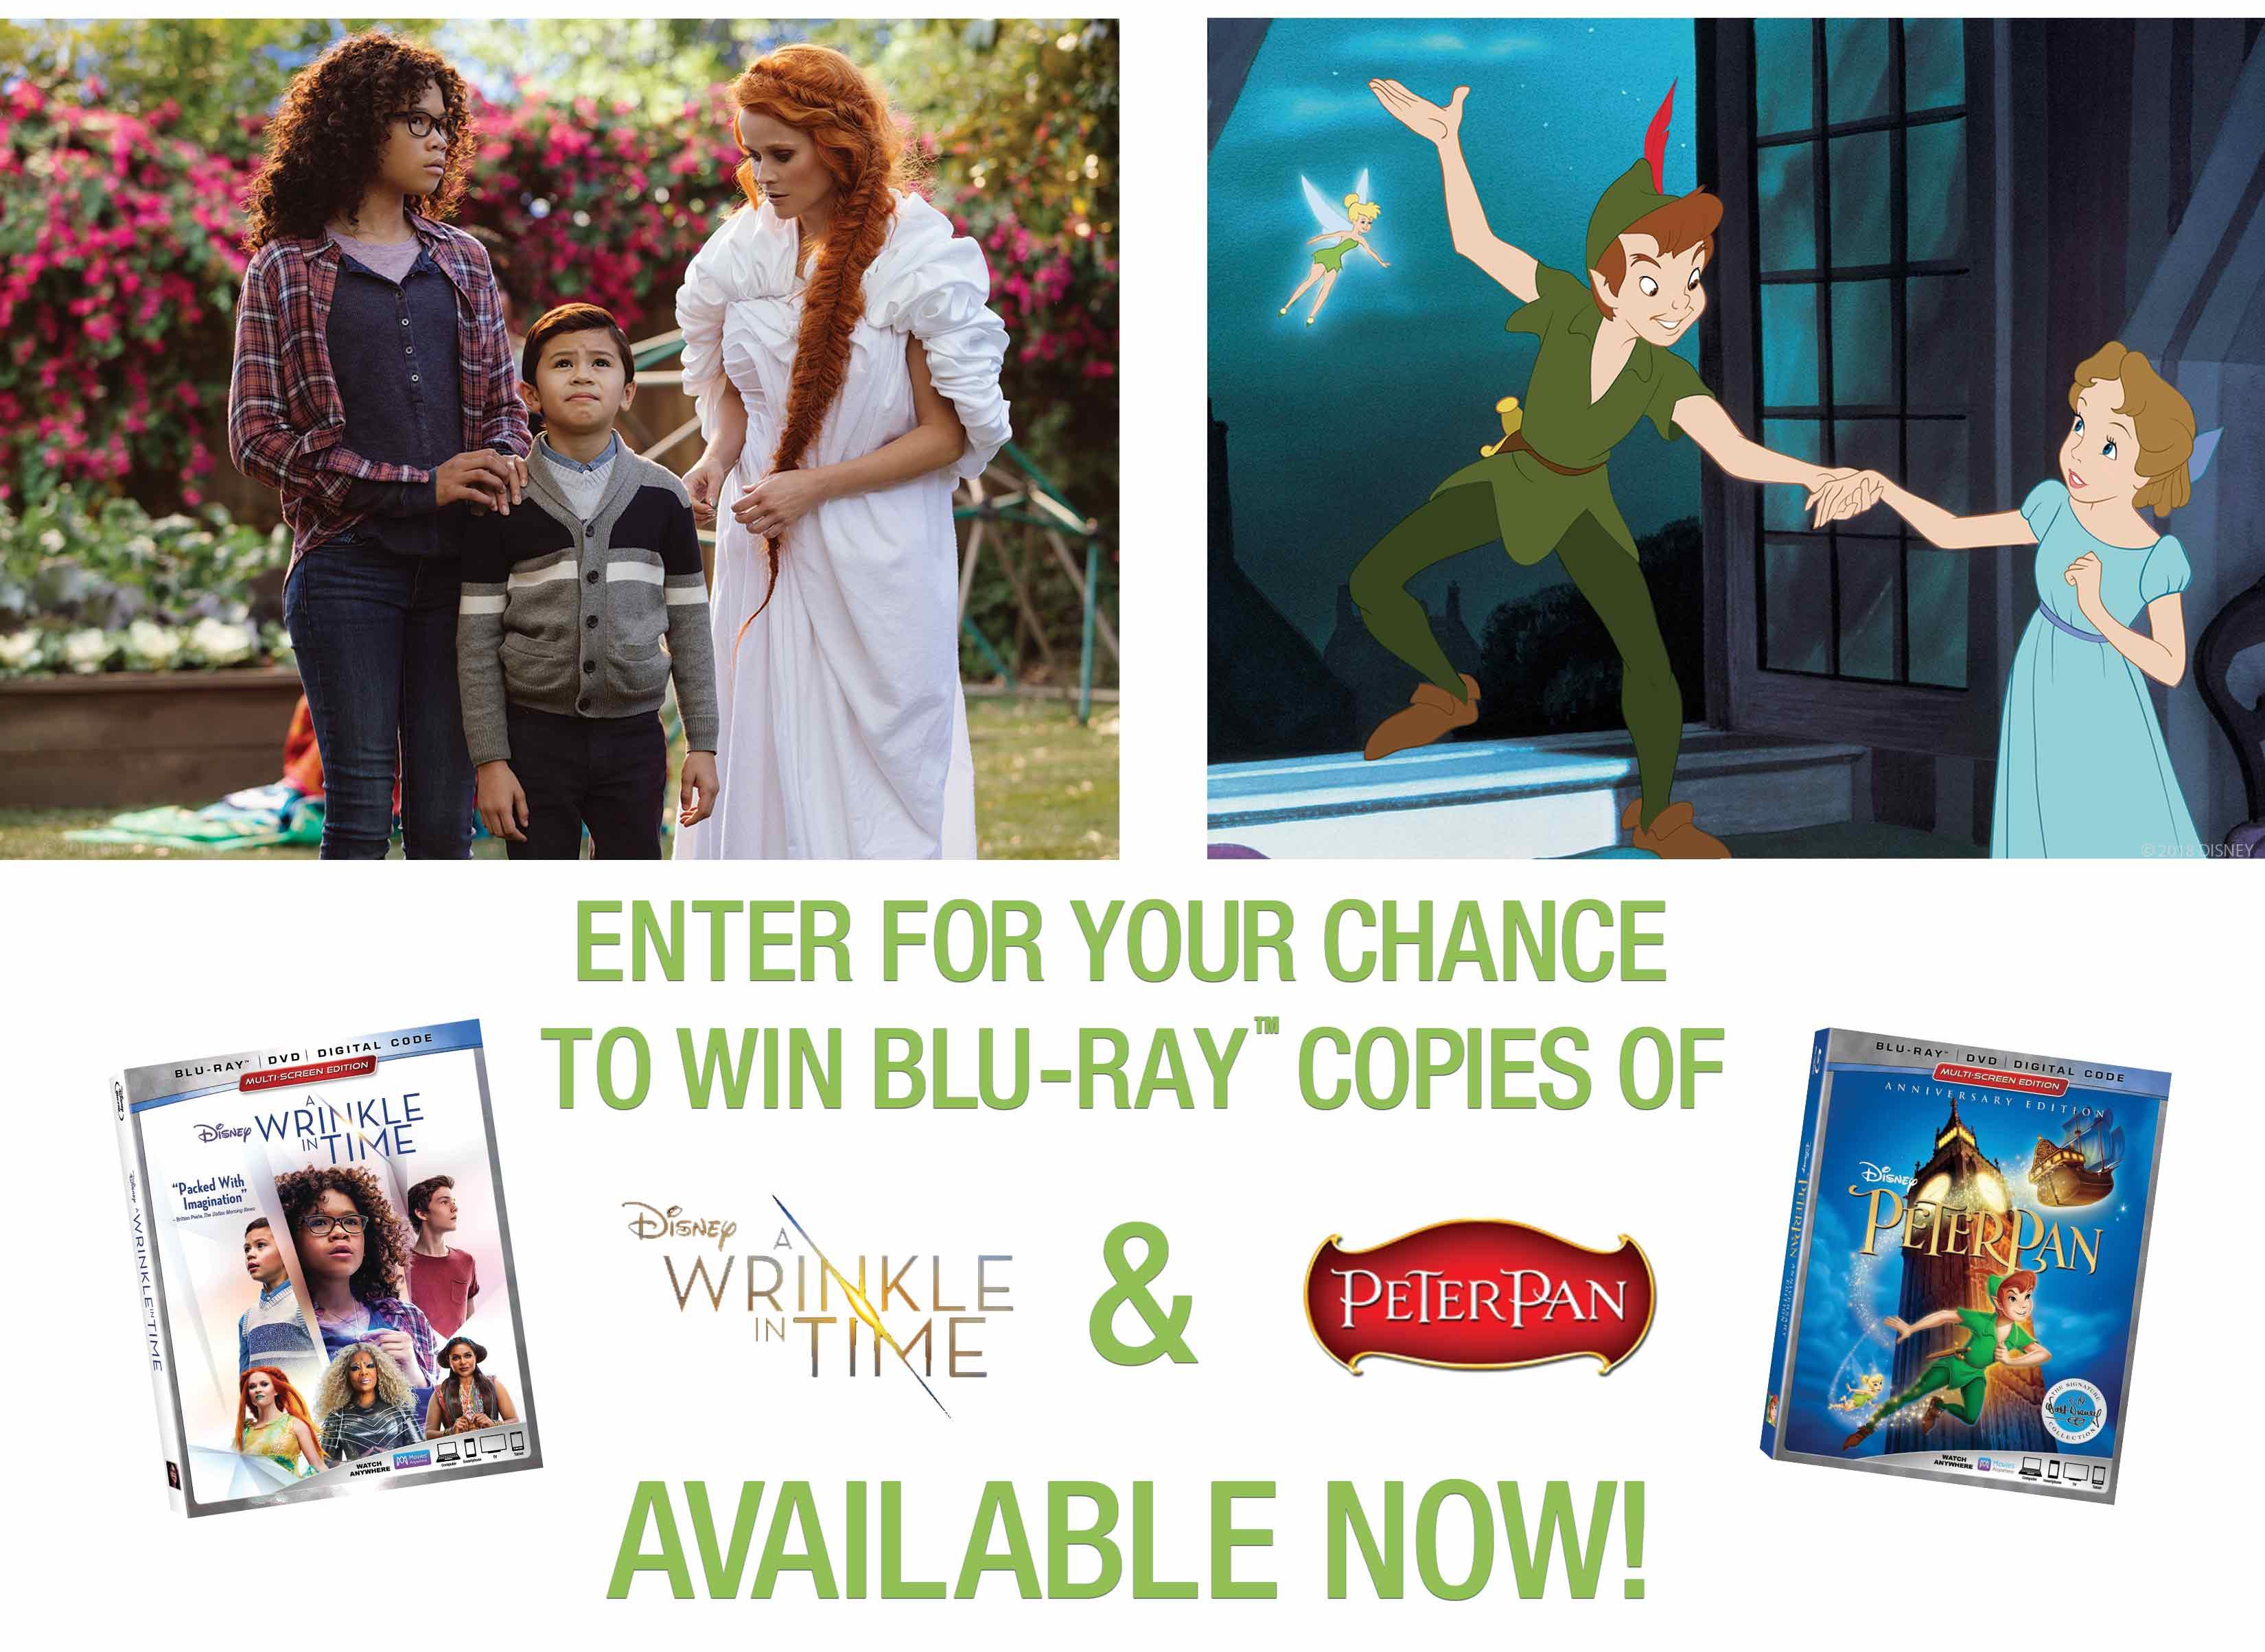 Disney DVD A Wrinkle in Time - Peter Pan Blu-Ray